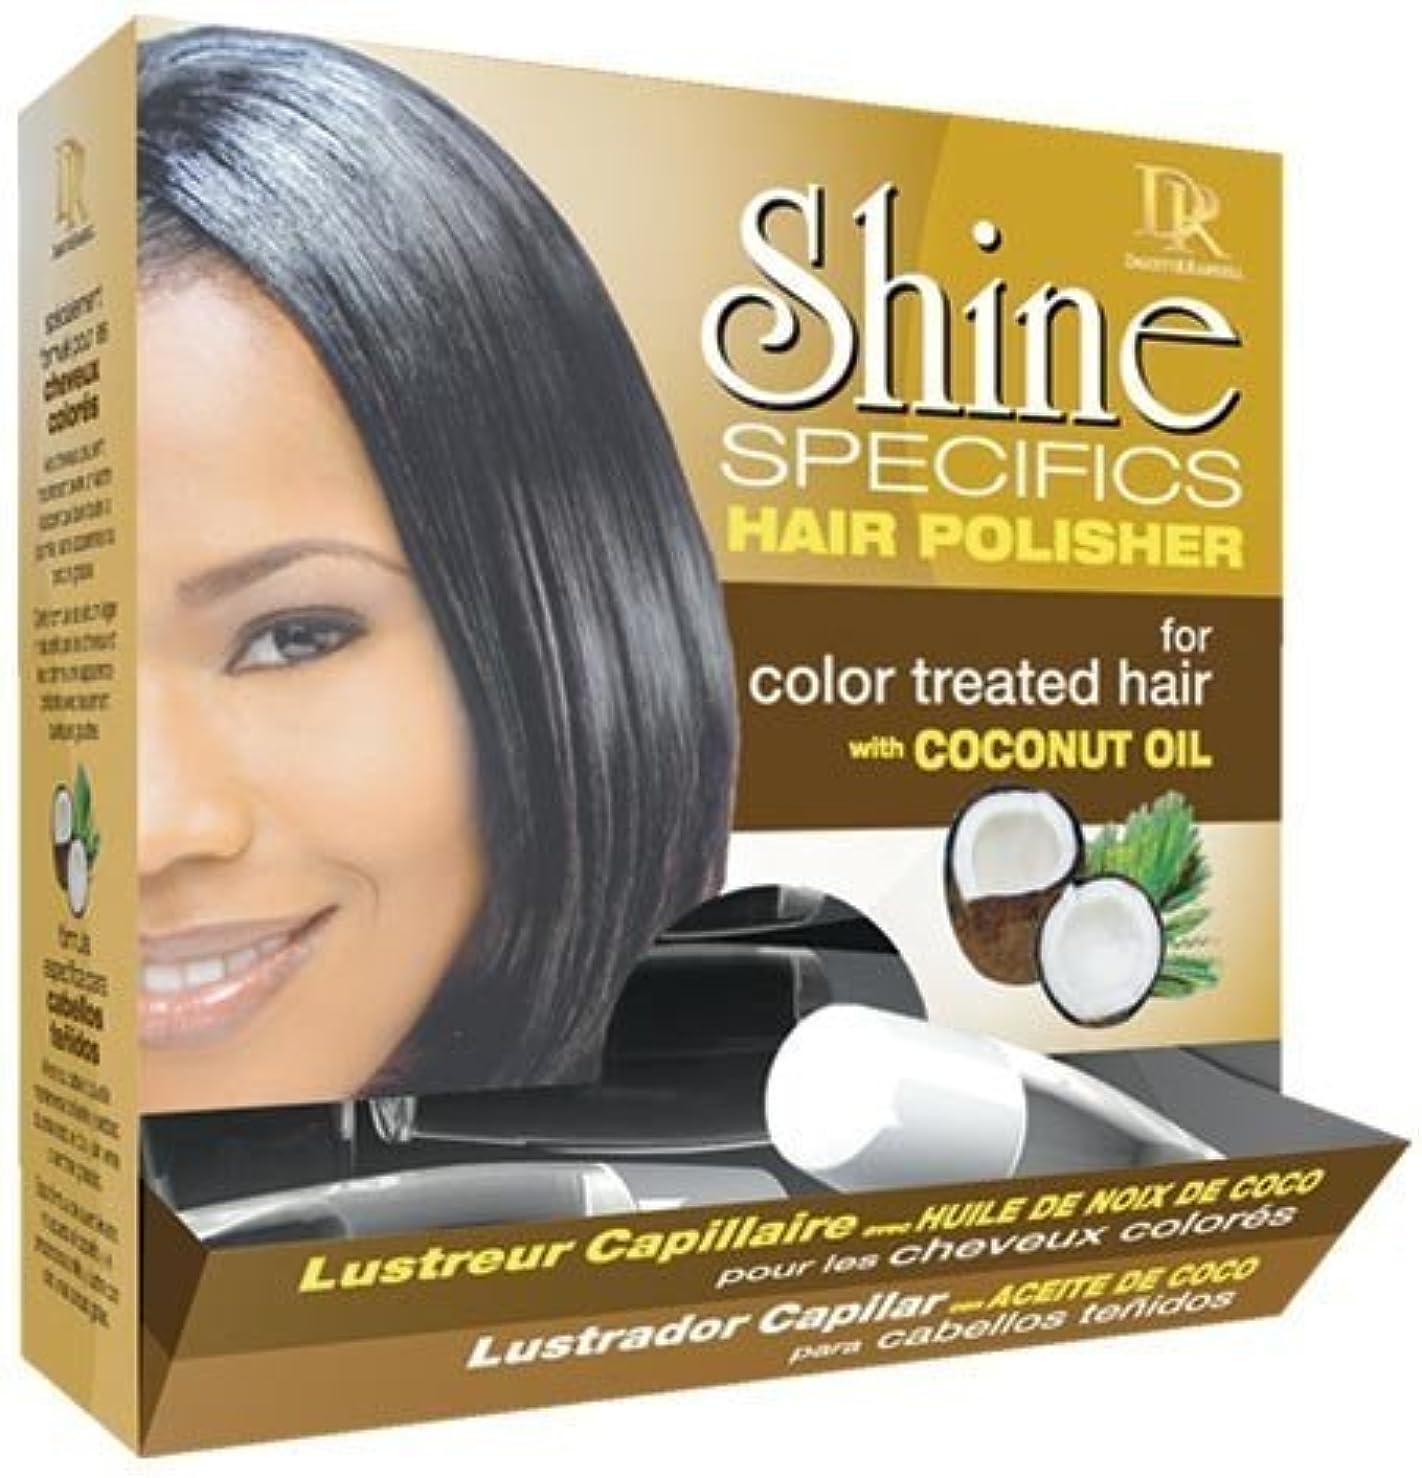 不利益高価な病者Daggett & Ramsdell Shine Specifics Hair Polisher For Color Treated Hair With Coconut Oil (18 Pieces Dispenser) (並行輸入品)